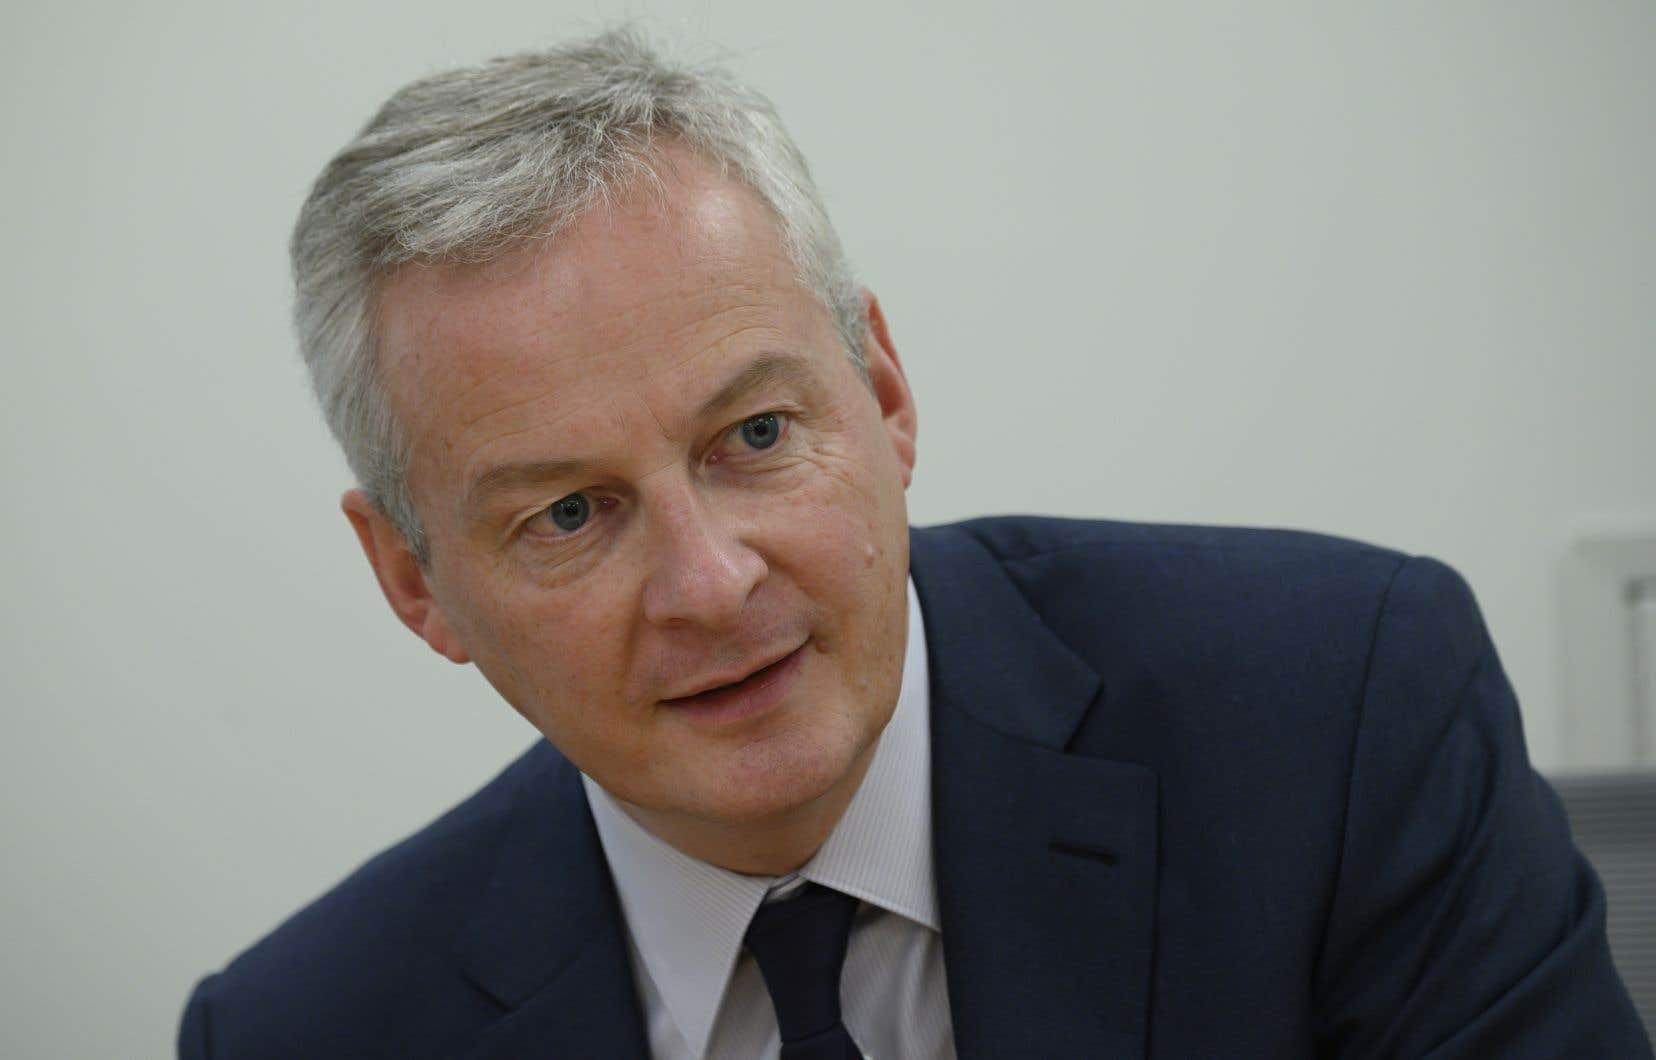 «Le plus tôt sera le mieux», a encore indiqué le ministre français de l'Économie, Bruno Le Maire, ajoutant toutefois qu'il n'y aurait «pas de suspension des sanctions du côté américain».